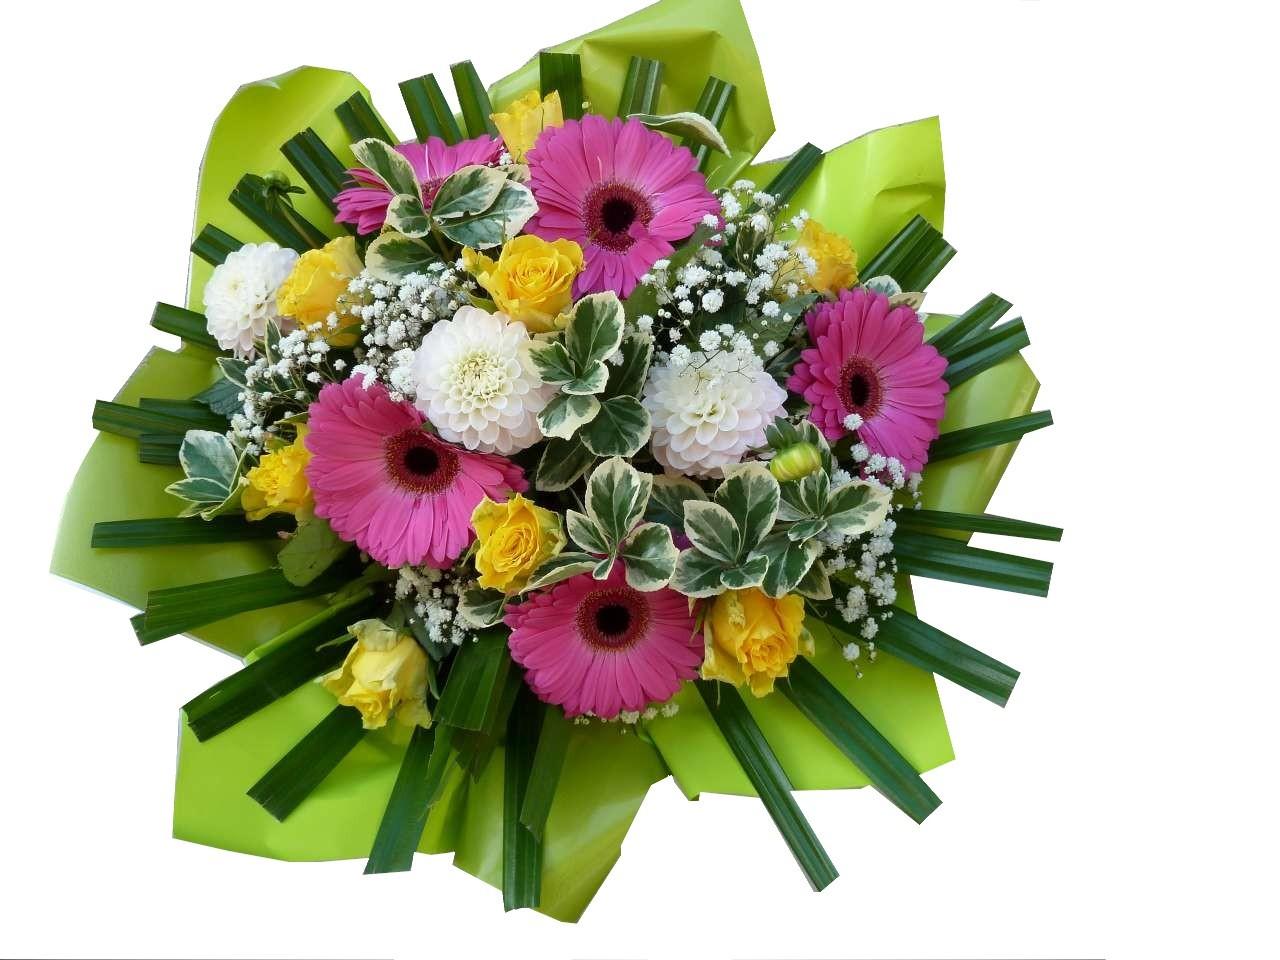 Livraison de fleurs champigny sur marne 94 et for Livraison de fleurs rapide